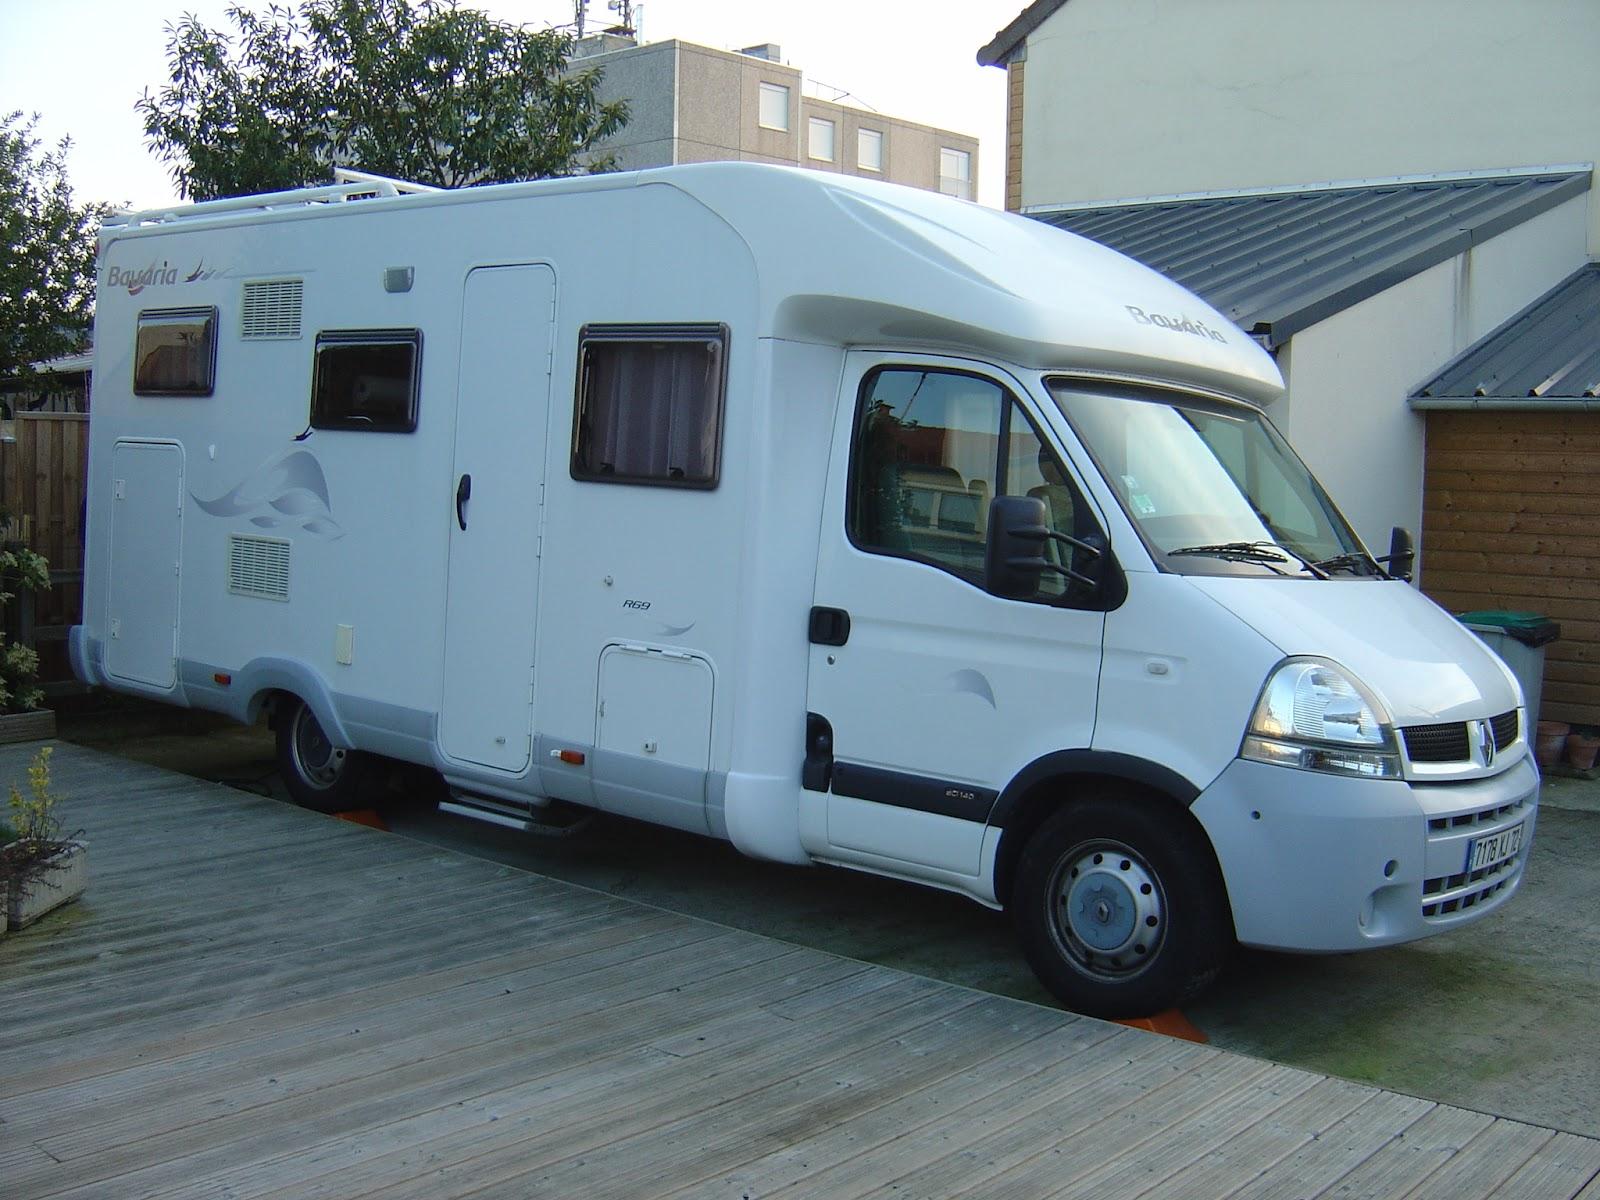 camping car bavaria r69. Black Bedroom Furniture Sets. Home Design Ideas